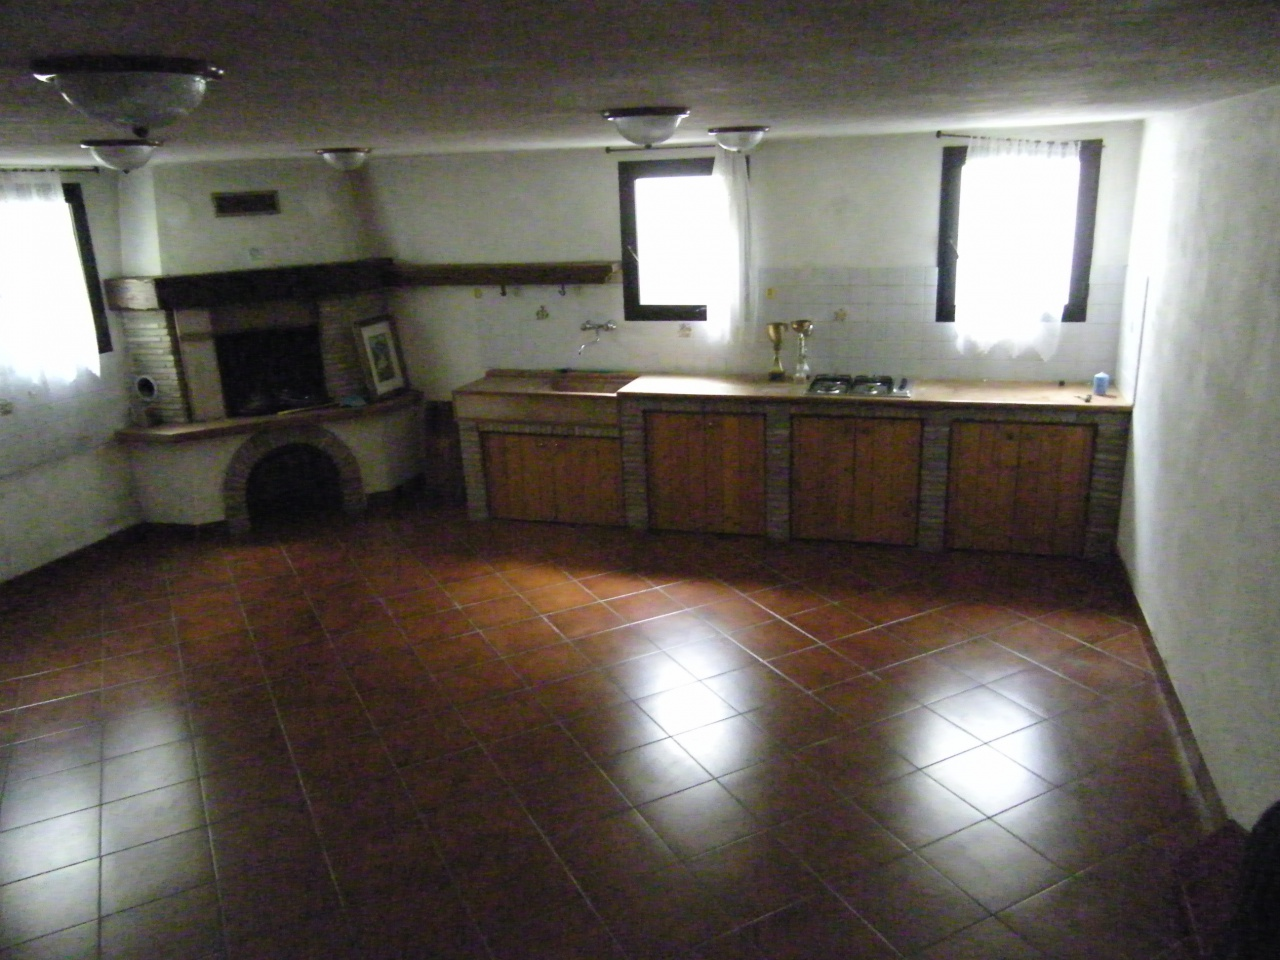 Agenzie Immobiliari Bassano agenzia immobiliare accordi immobiliari montebelluna